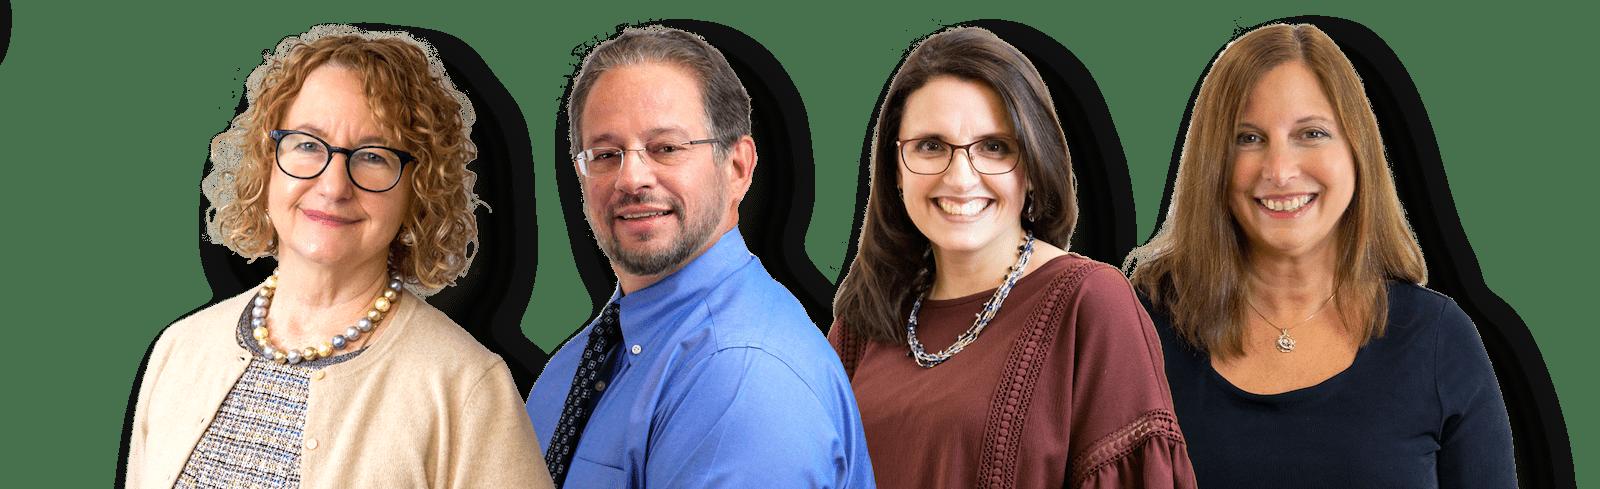 Reproductive Associates of Delaware Fertility Doctors